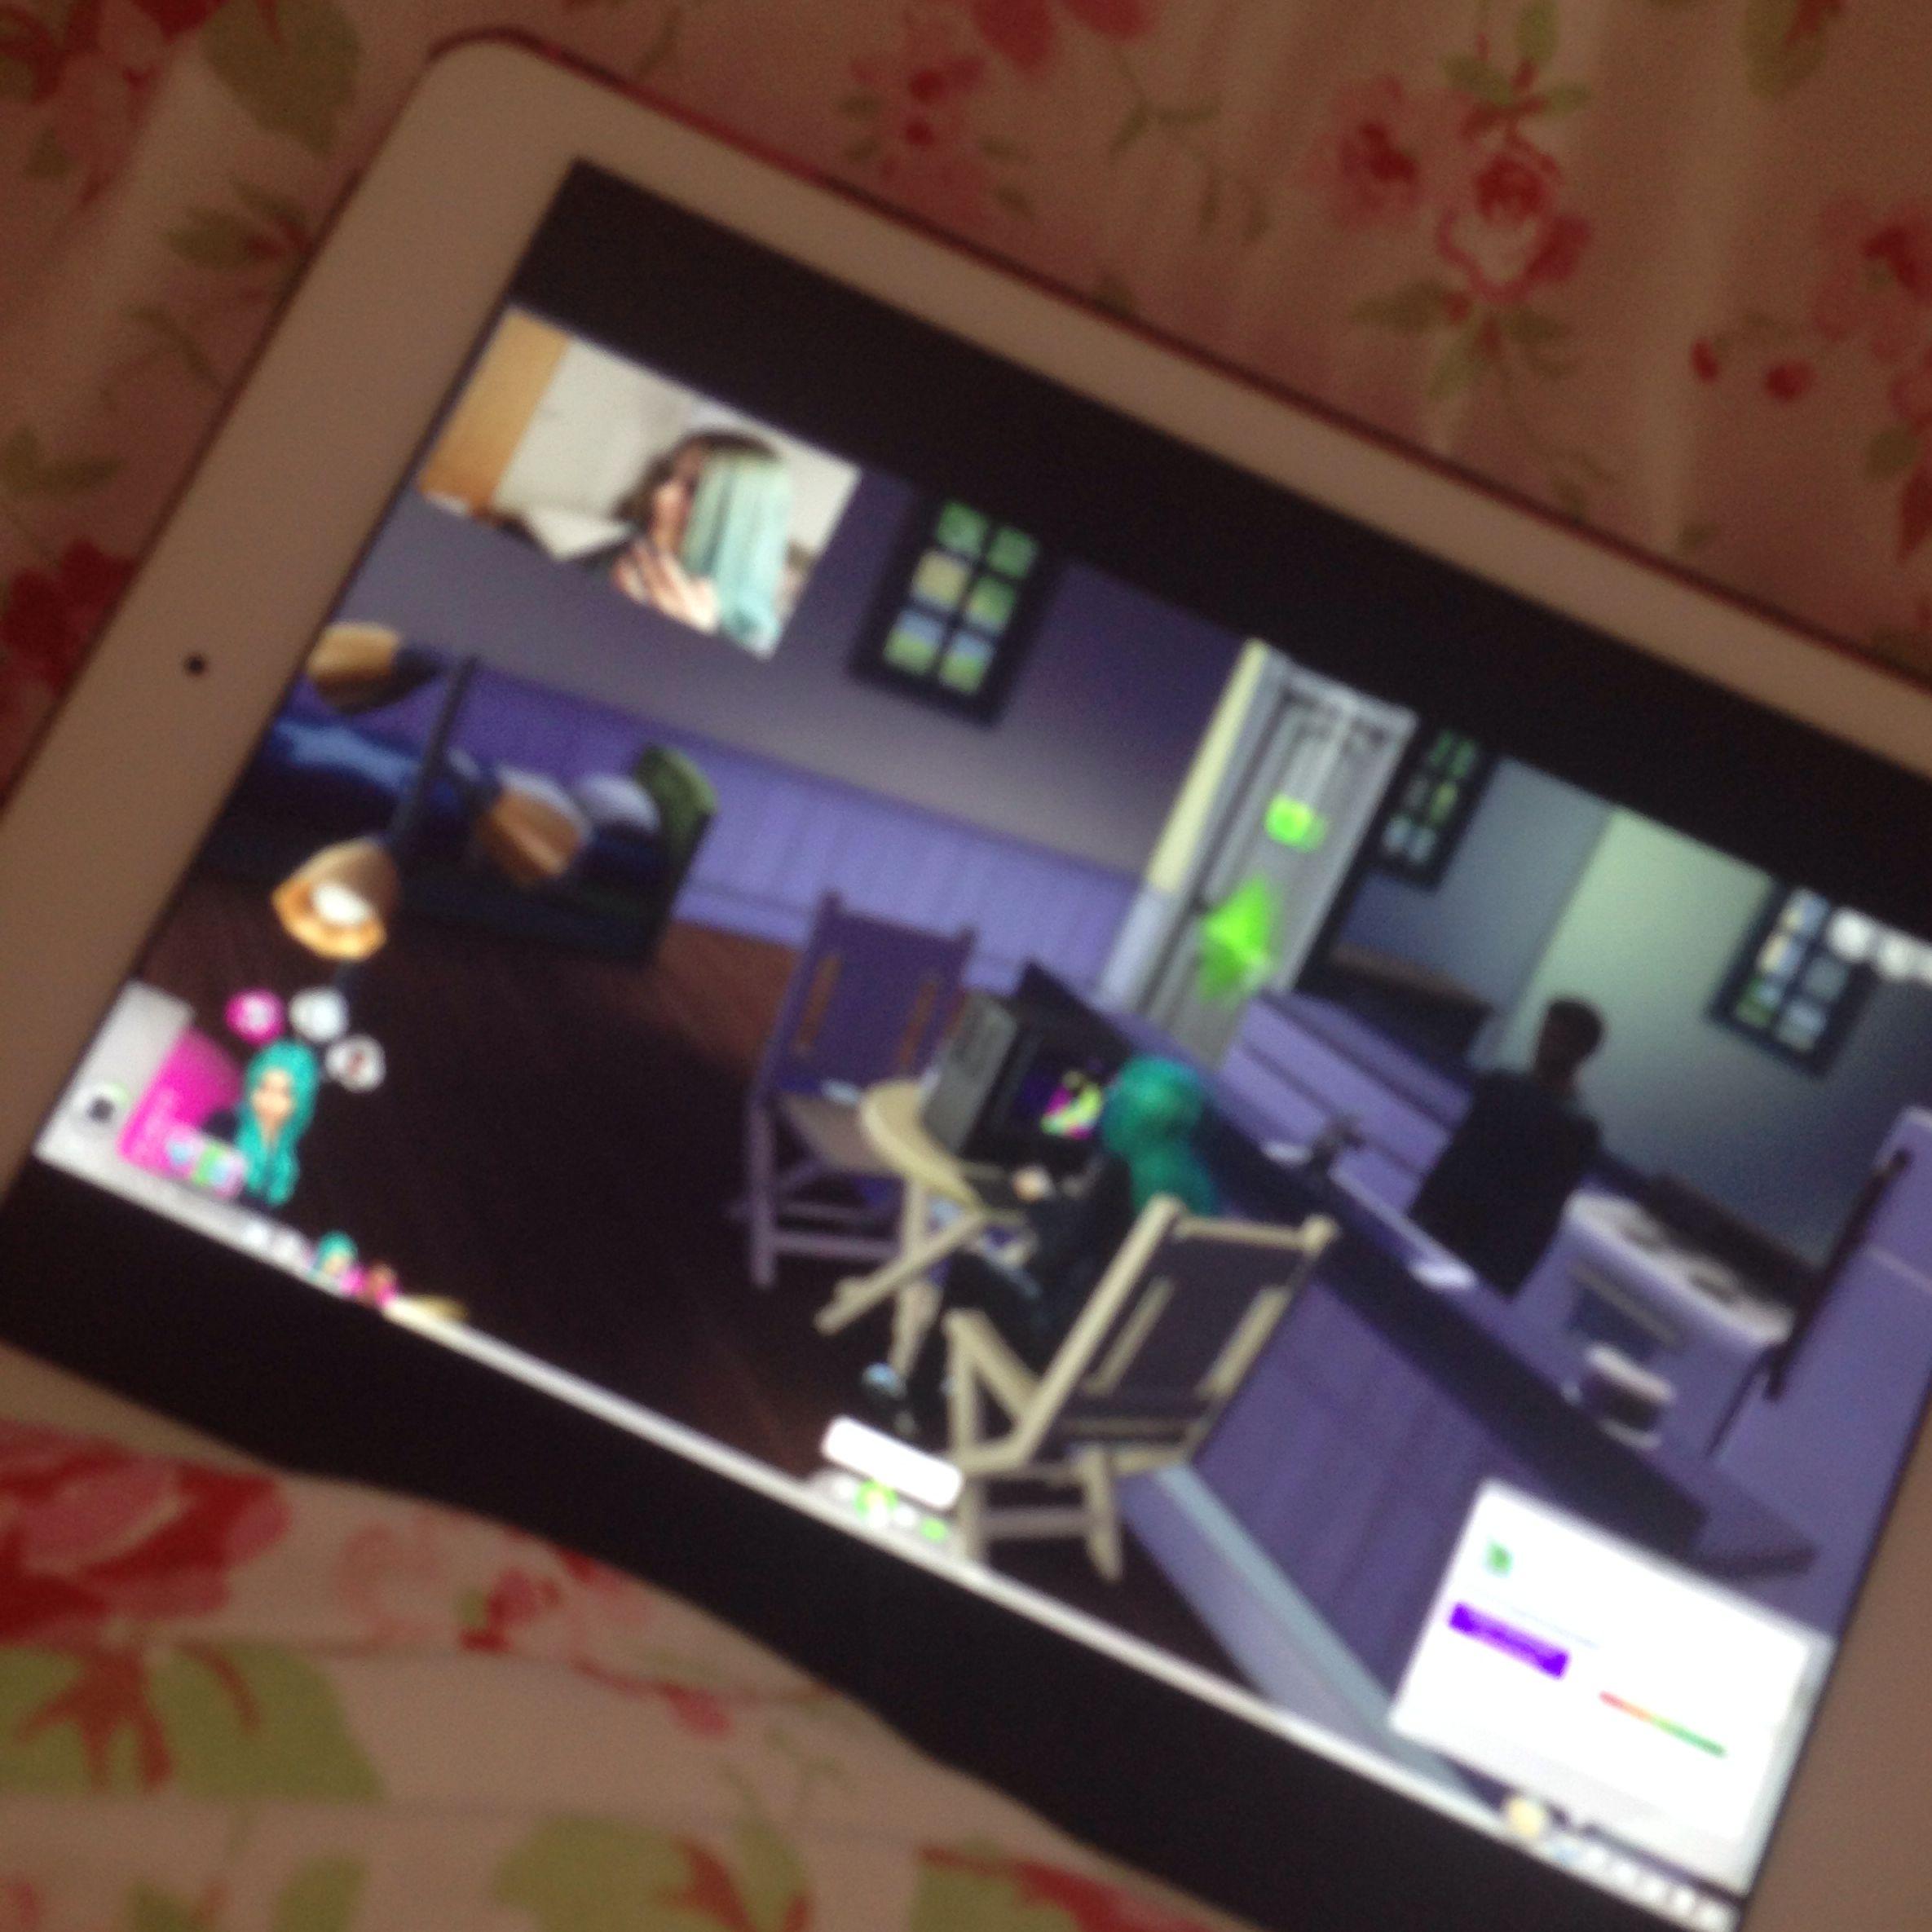 iphone 5 kamera fokussiert nicht mehr bilder unscharf. Black Bedroom Furniture Sets. Home Design Ideas